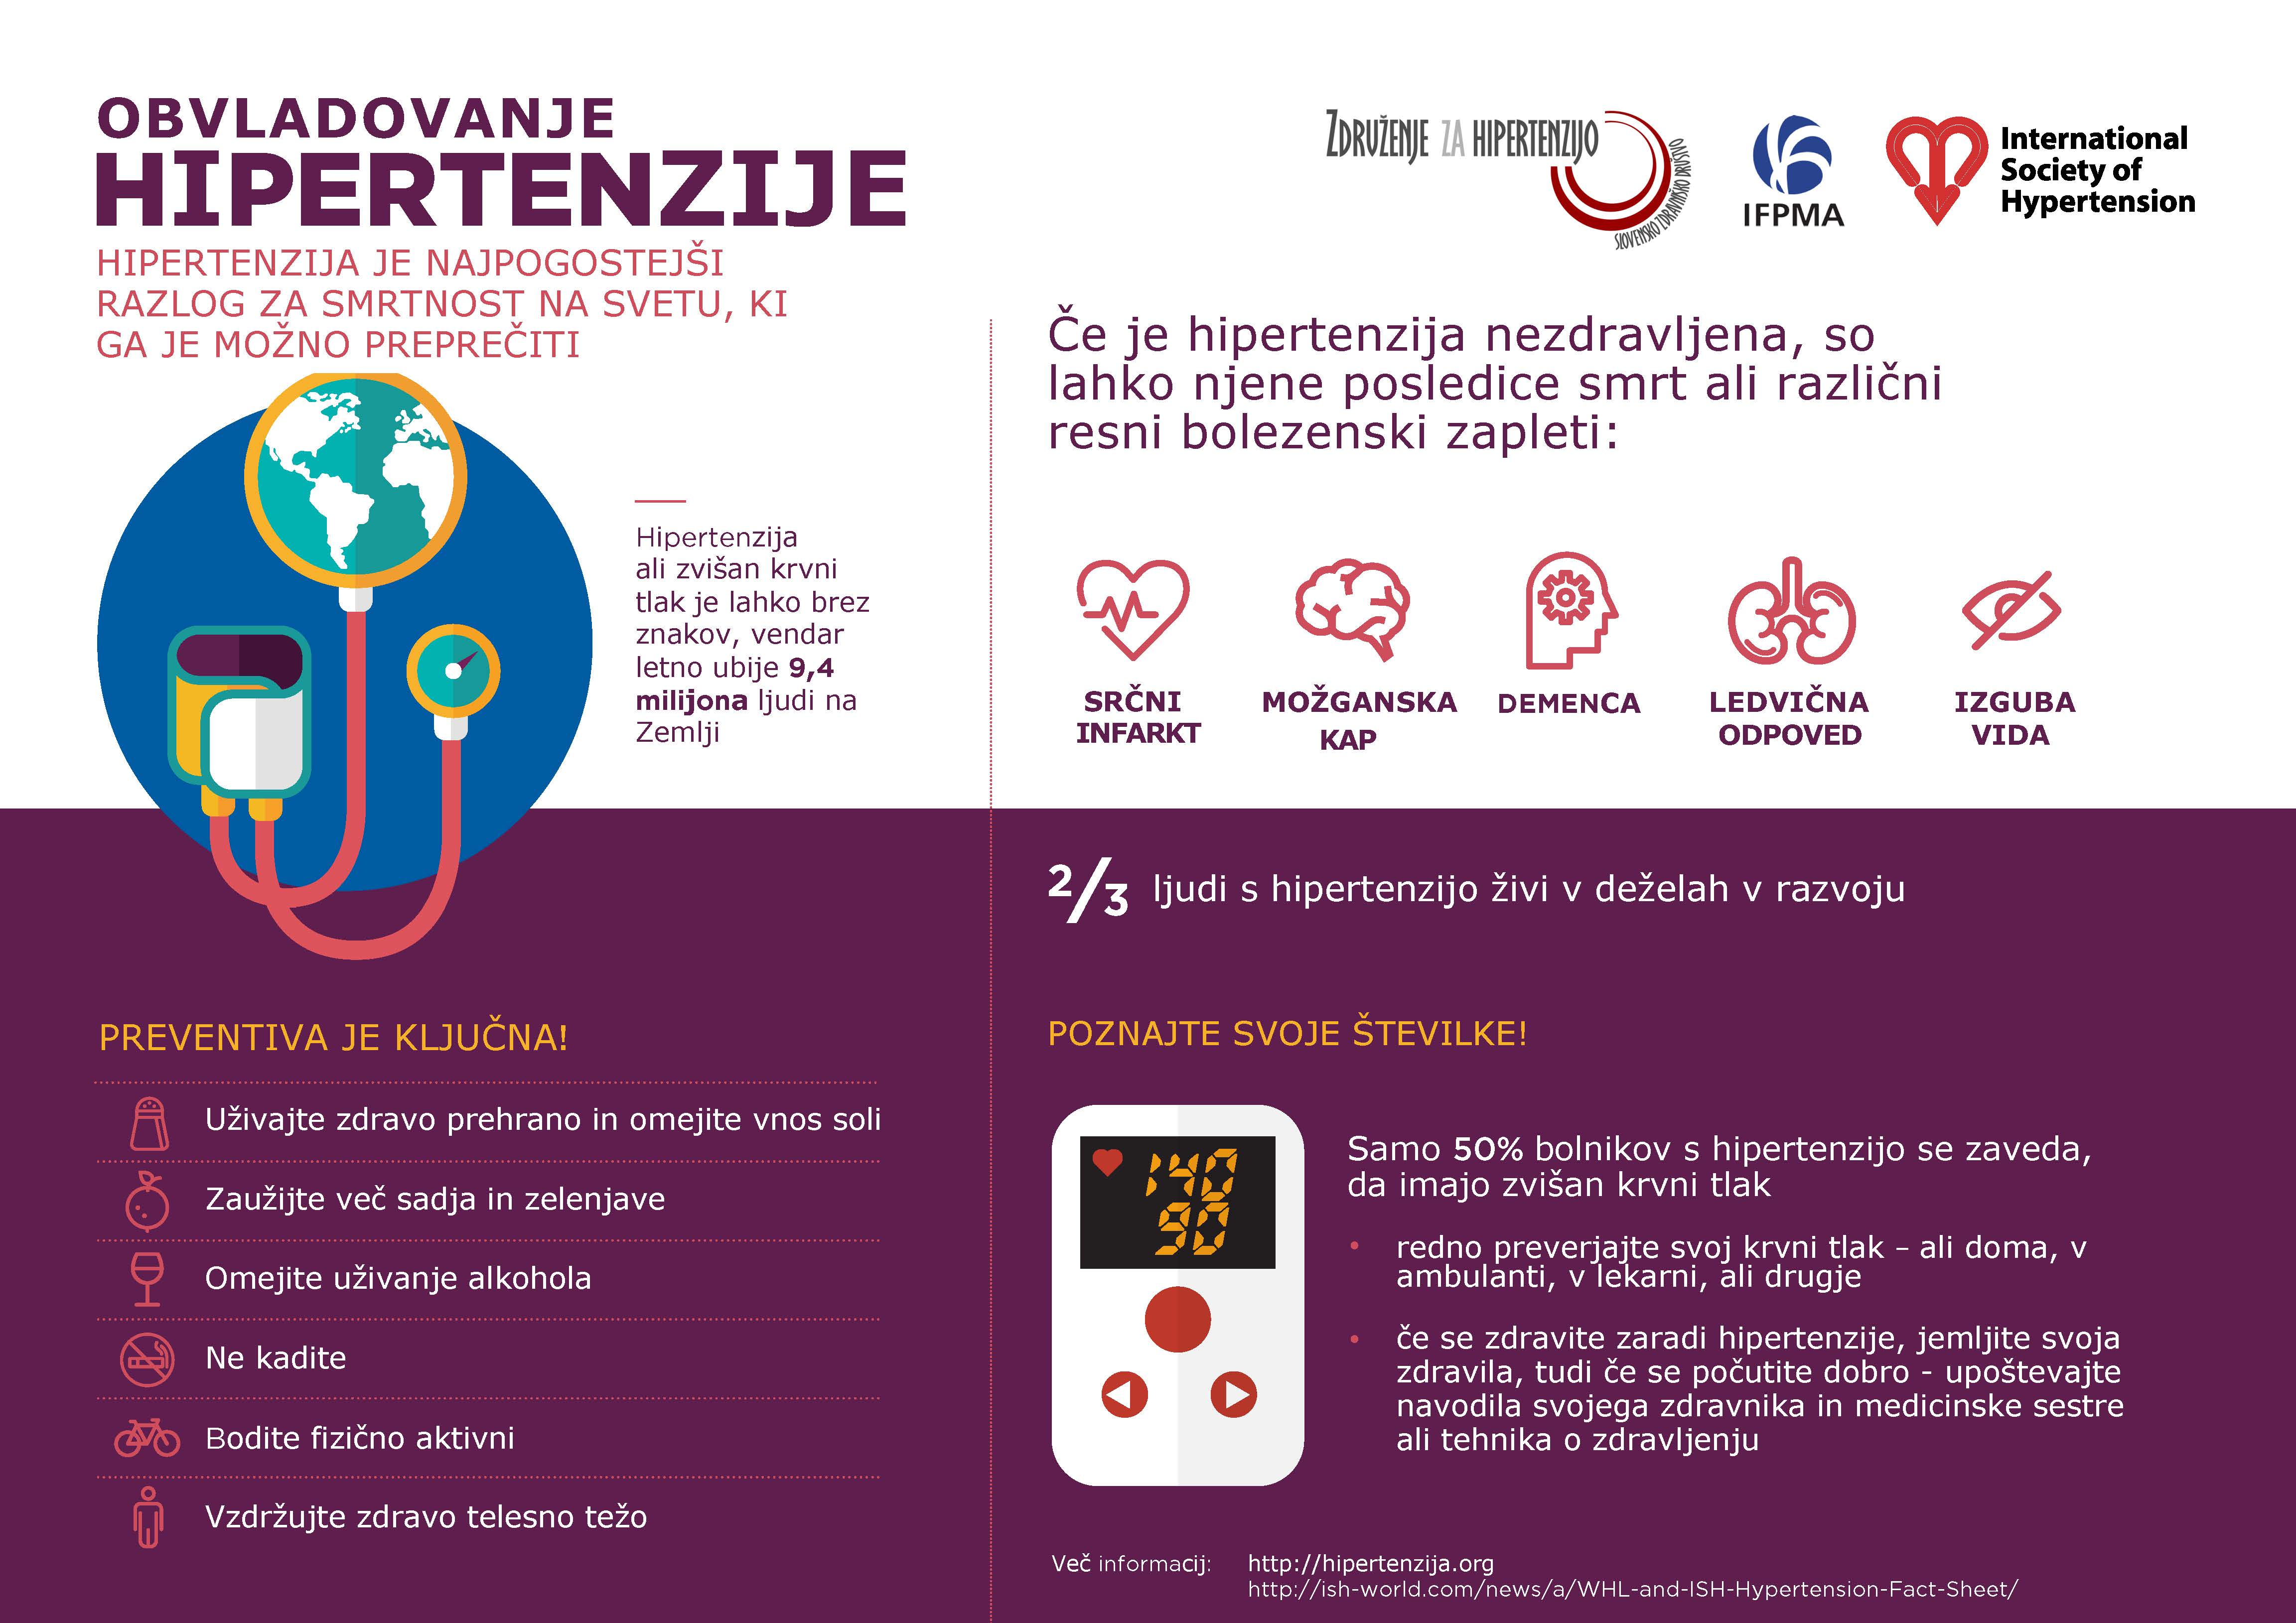 hipertenzija sklop)